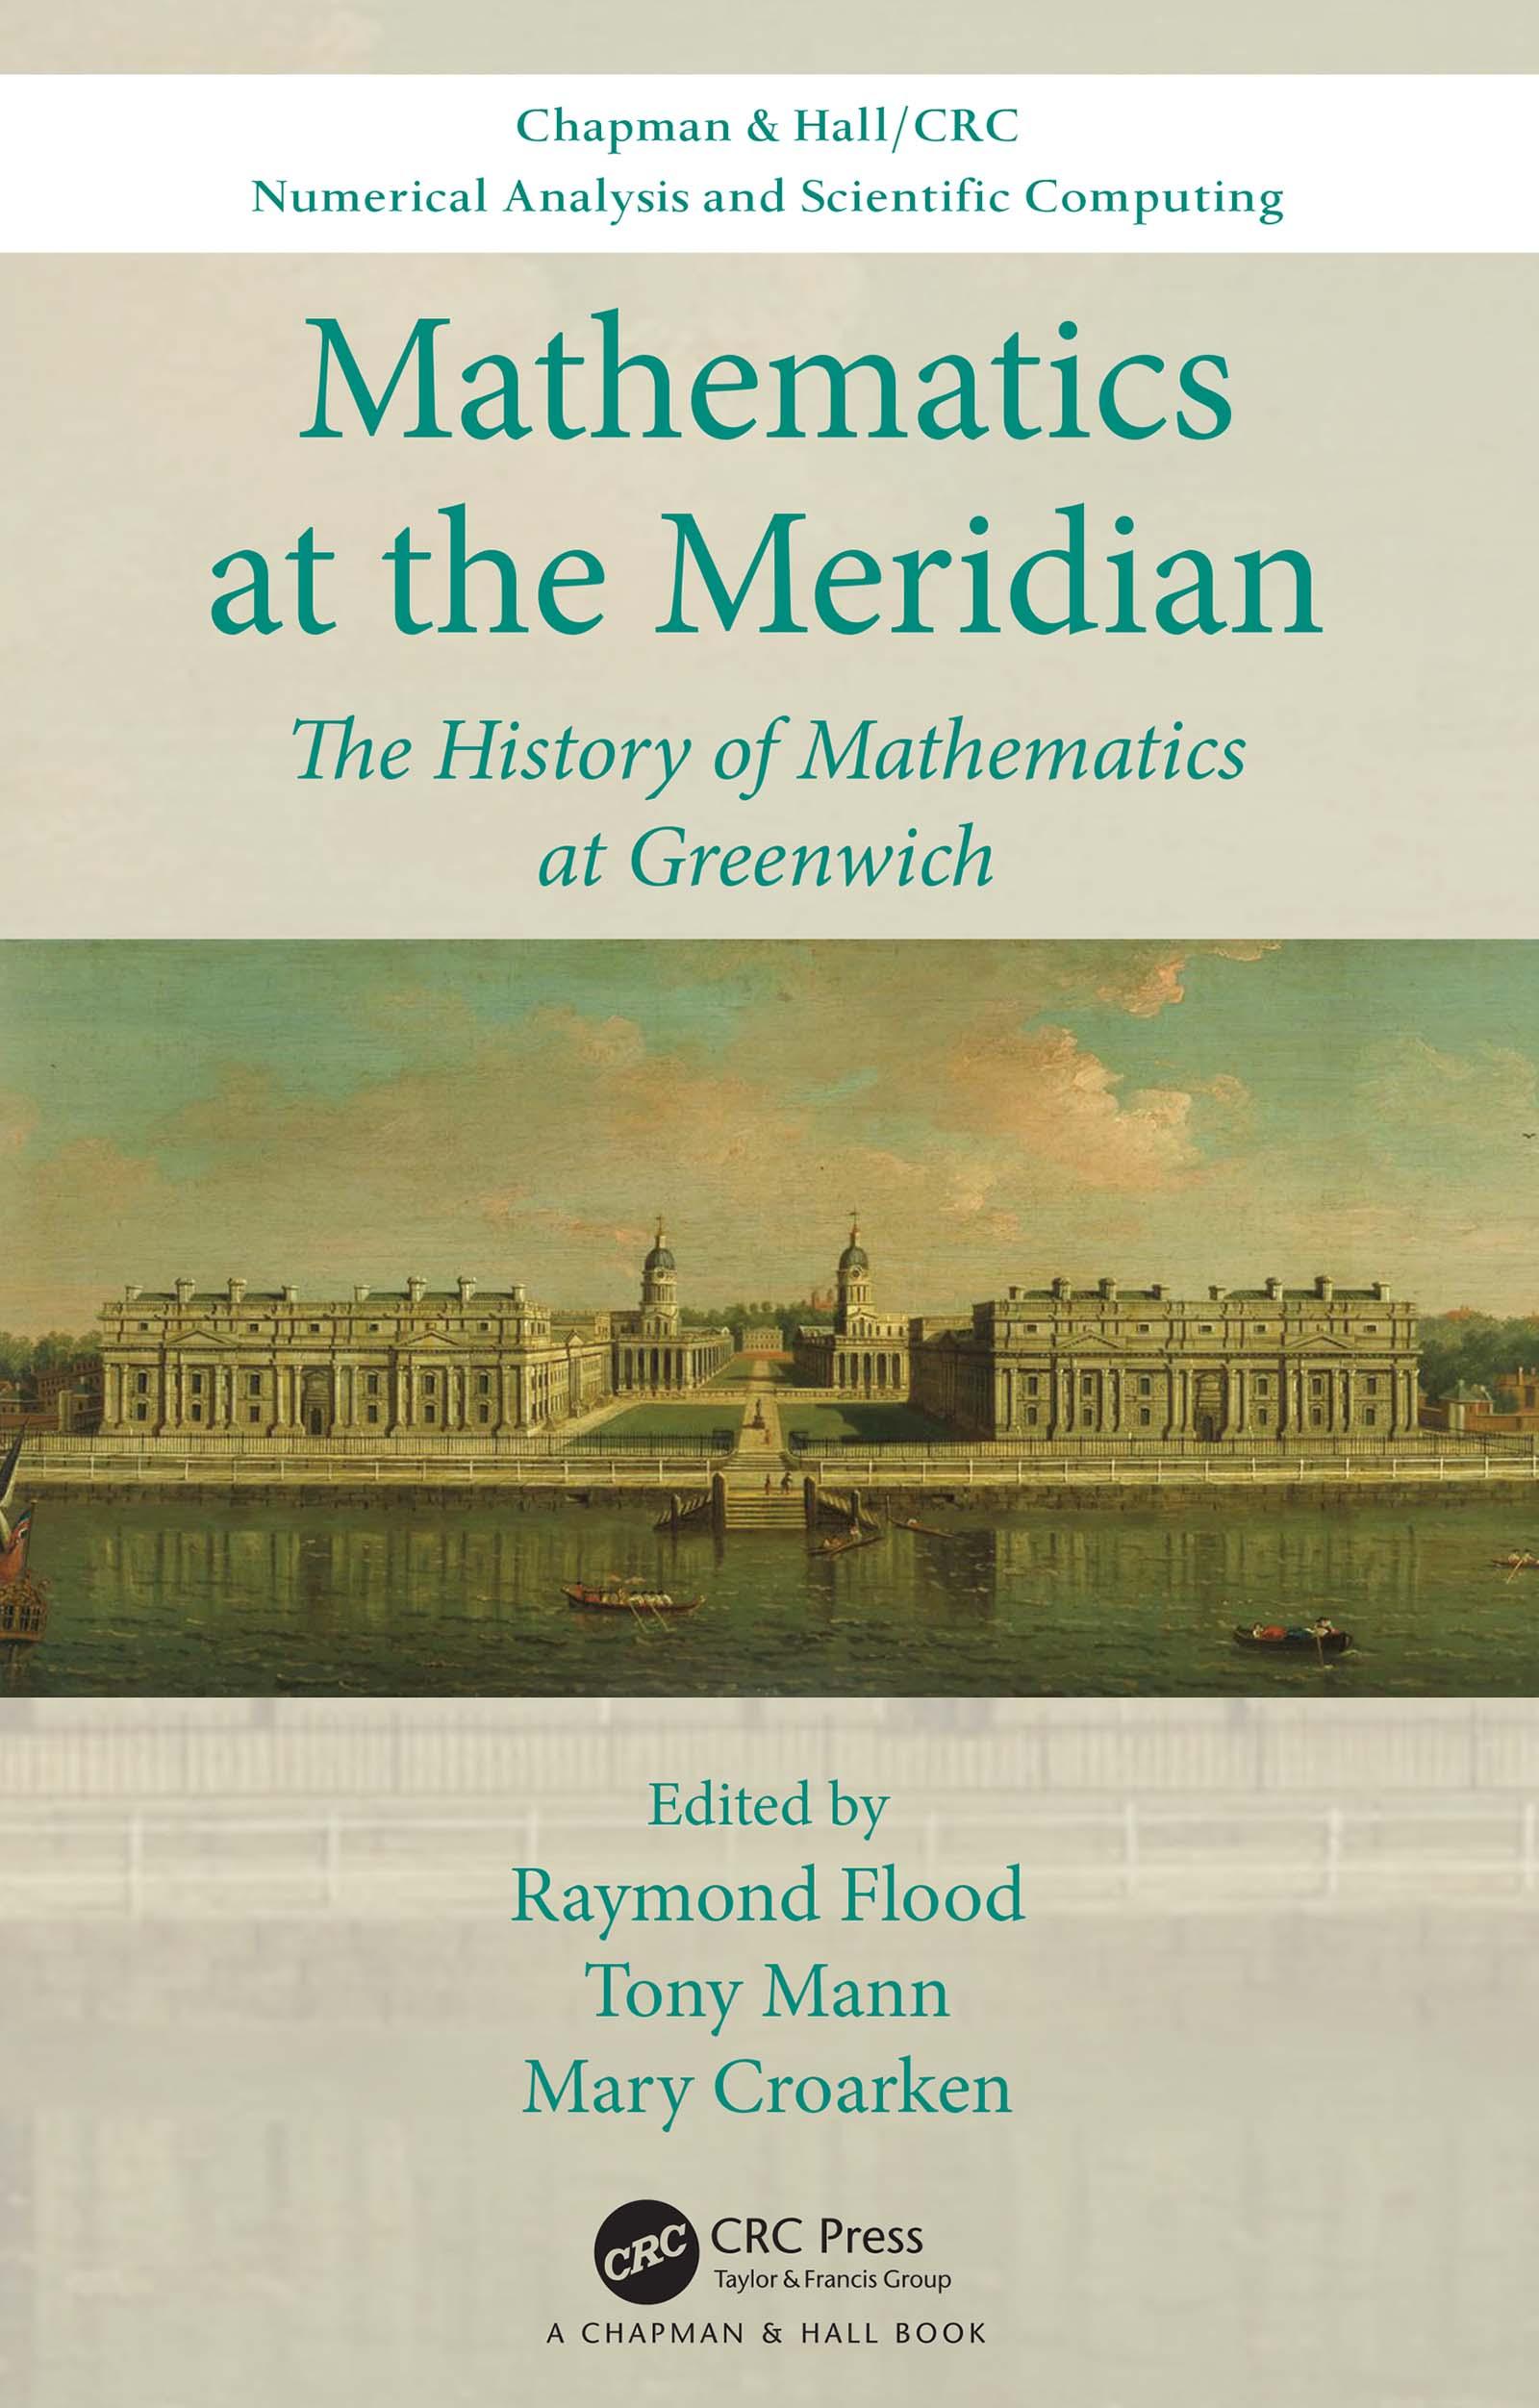 Mathematics at the Meridian